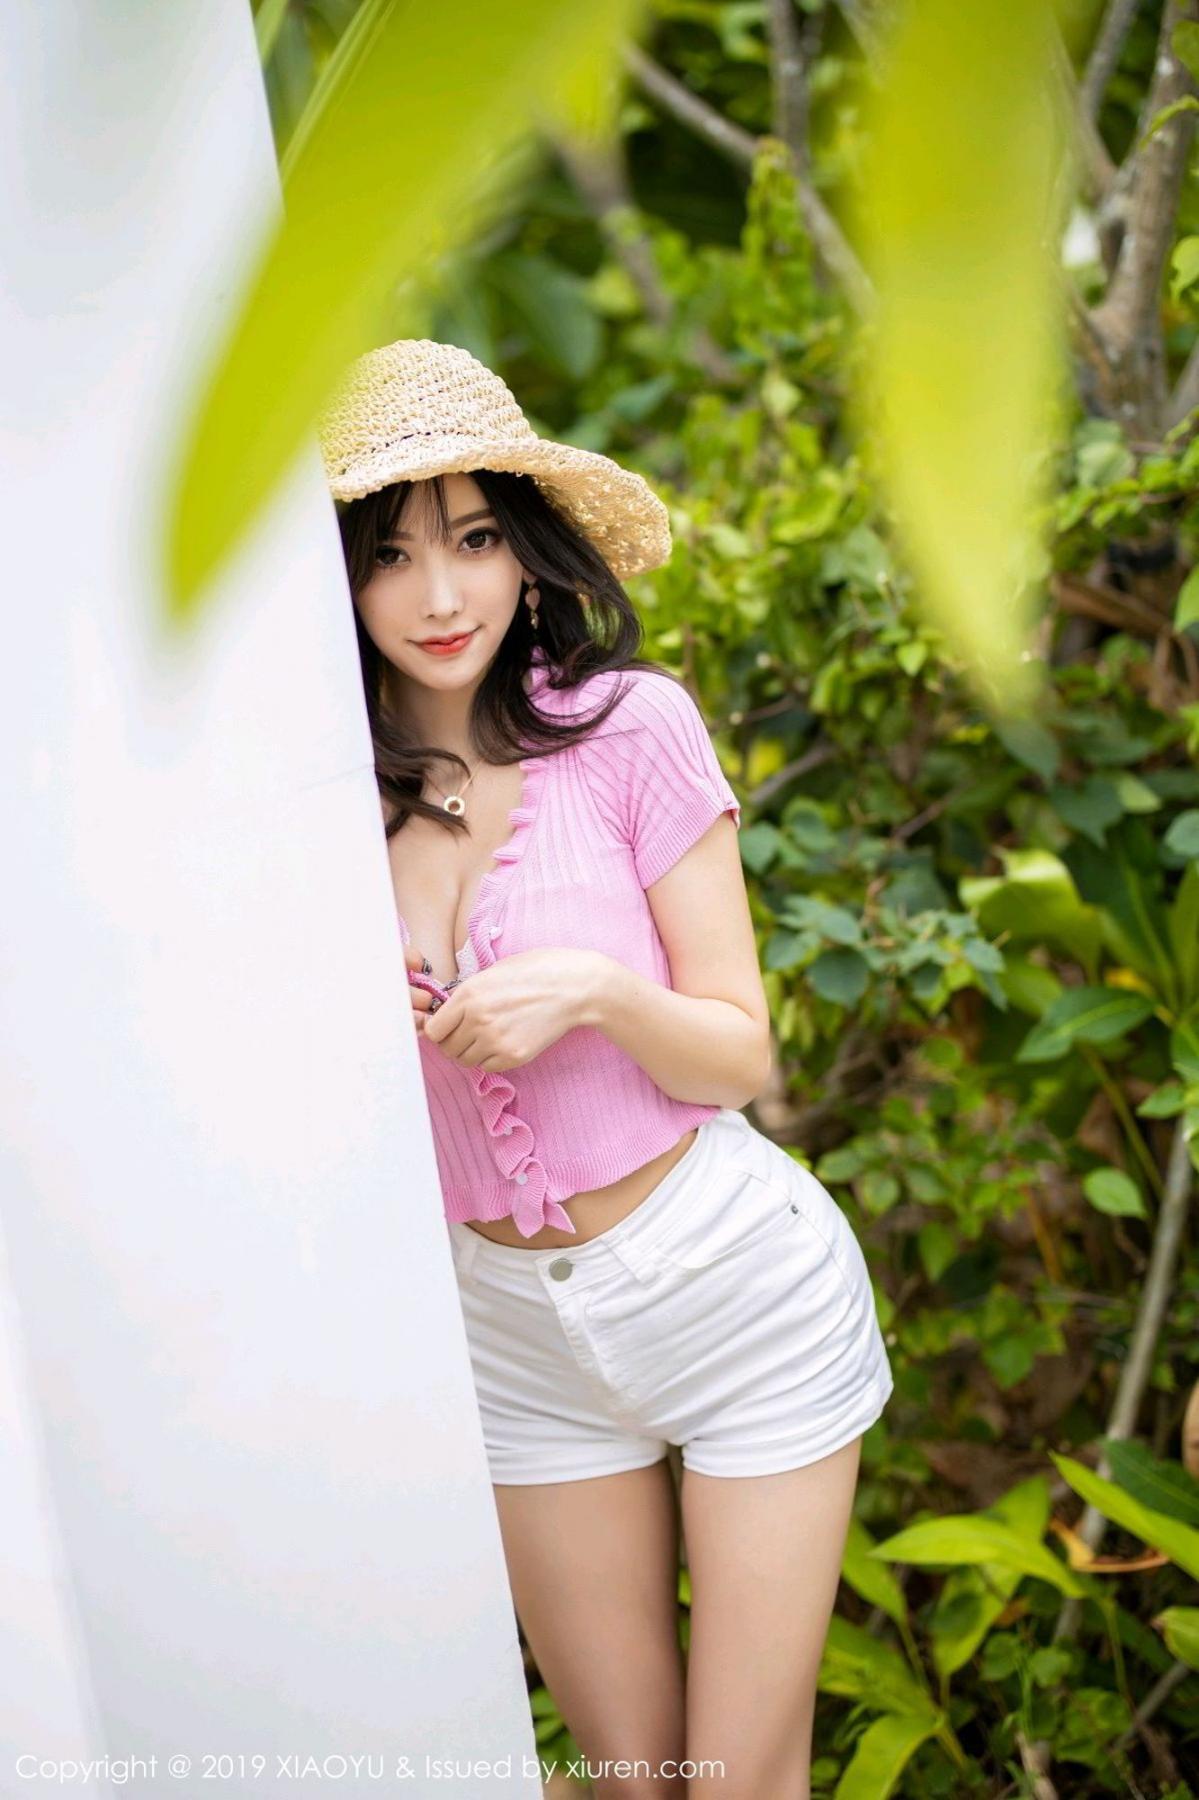 [XiaoYu] Vol.169 Yang Chen Chen 16P, Outdoor, Underwear, XiaoYu, Yang Chen Chen